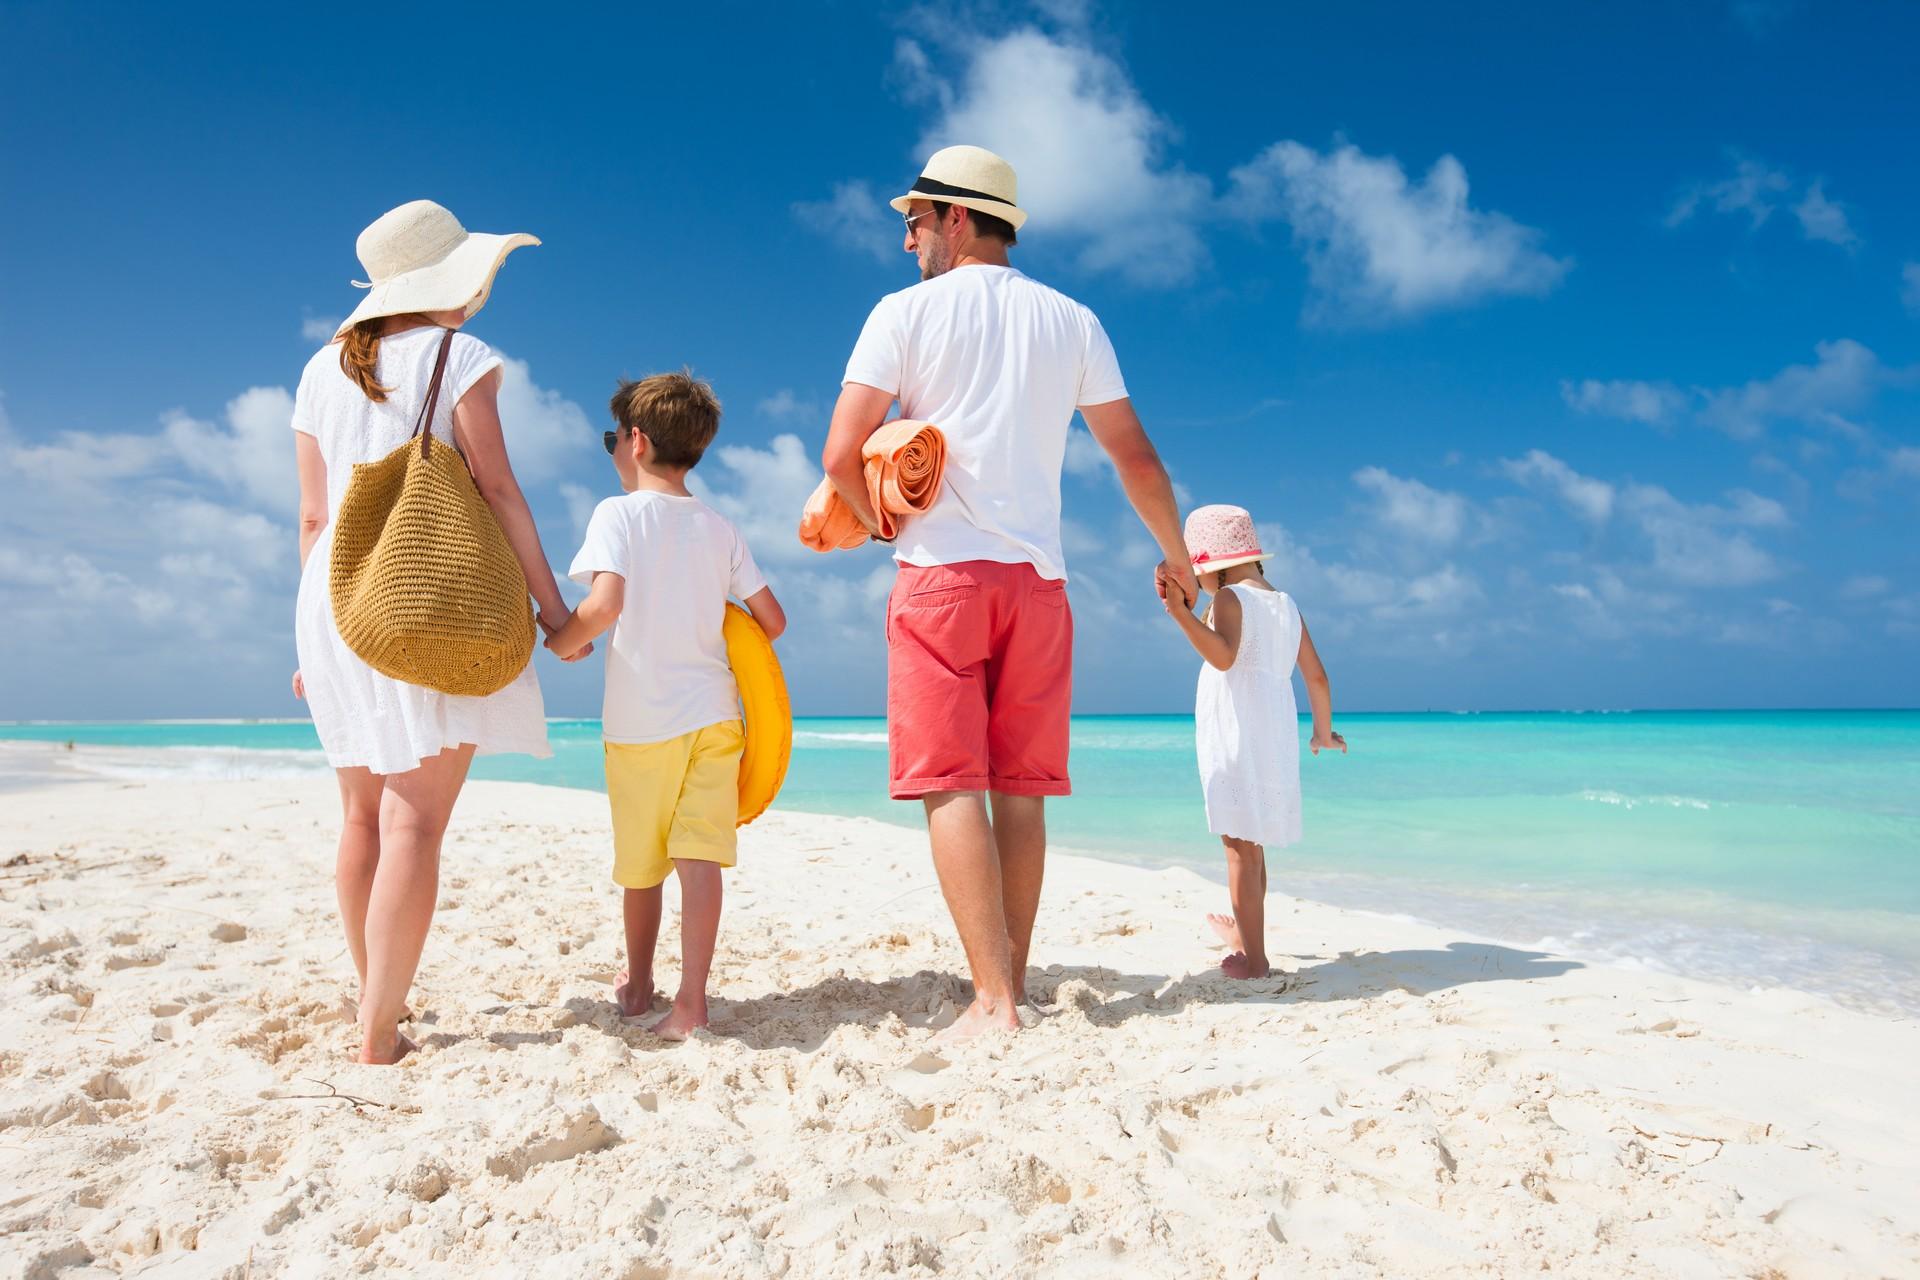 Семьёй на пляже 21 фотография